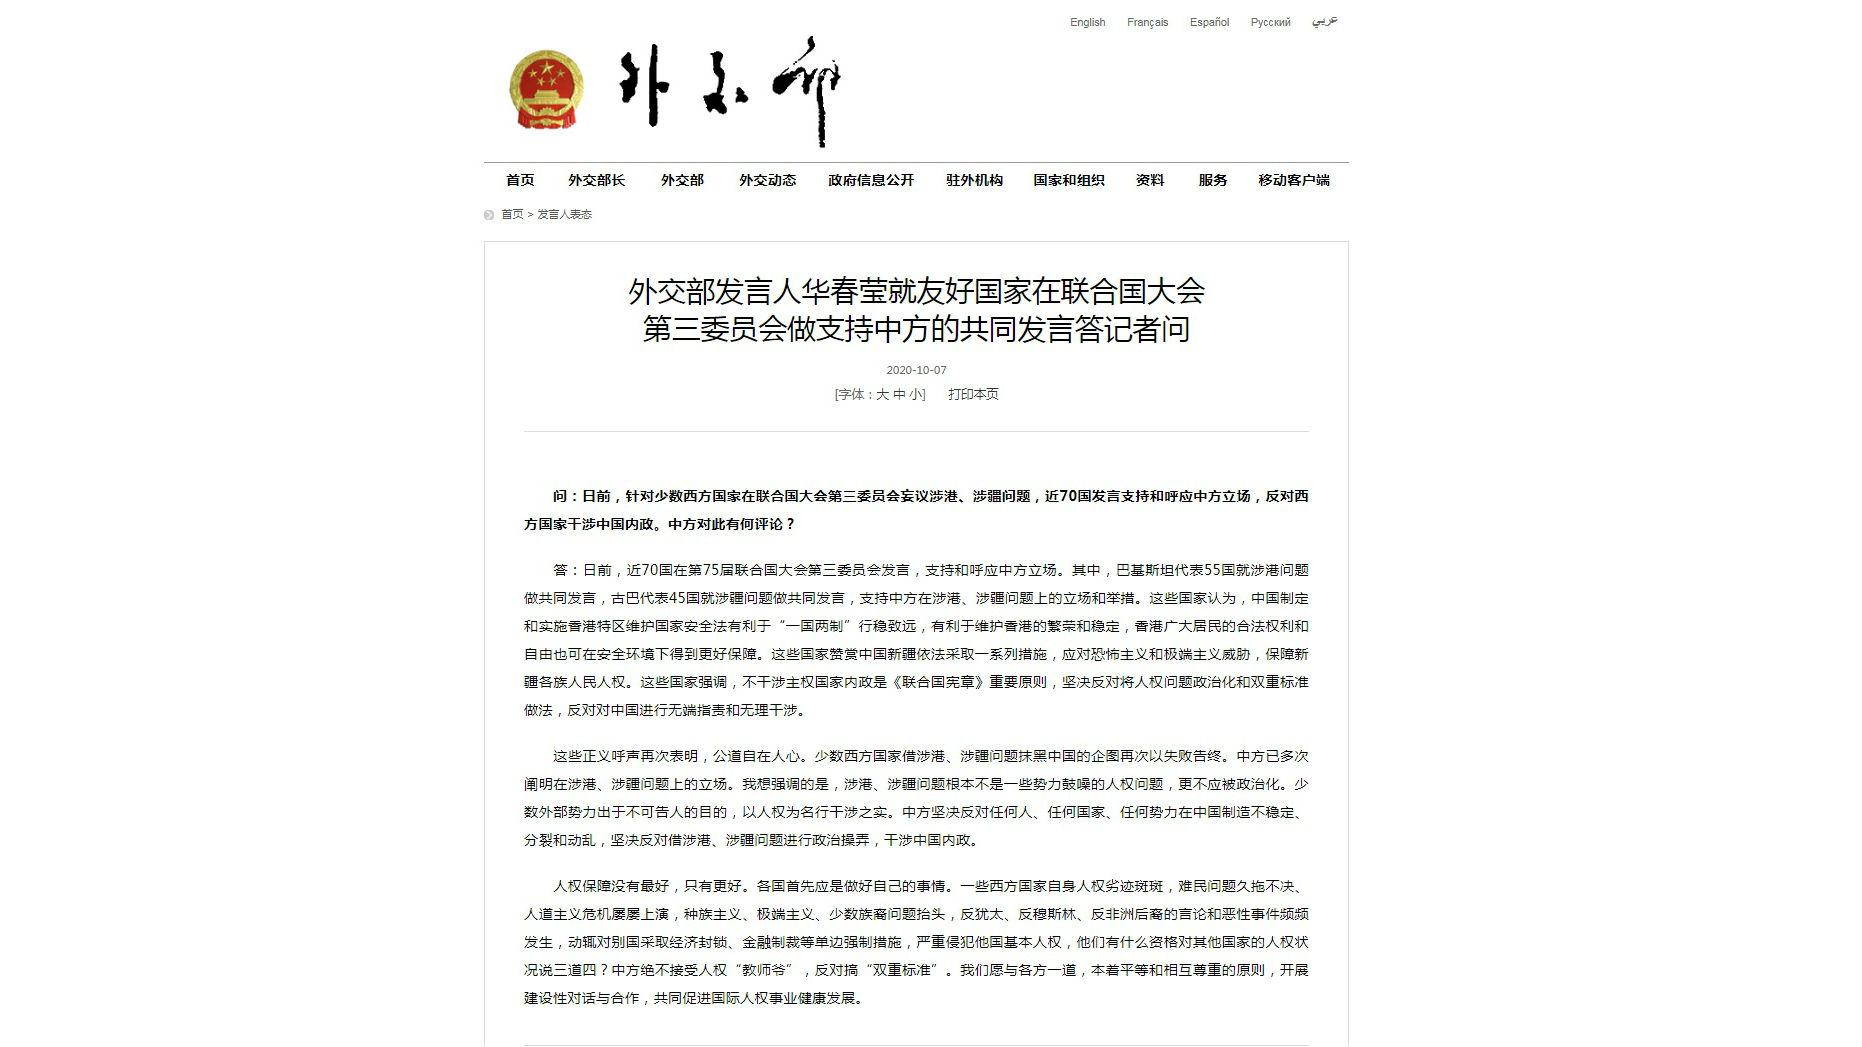 外媒:多国就涉港涉疆问题力挺中国